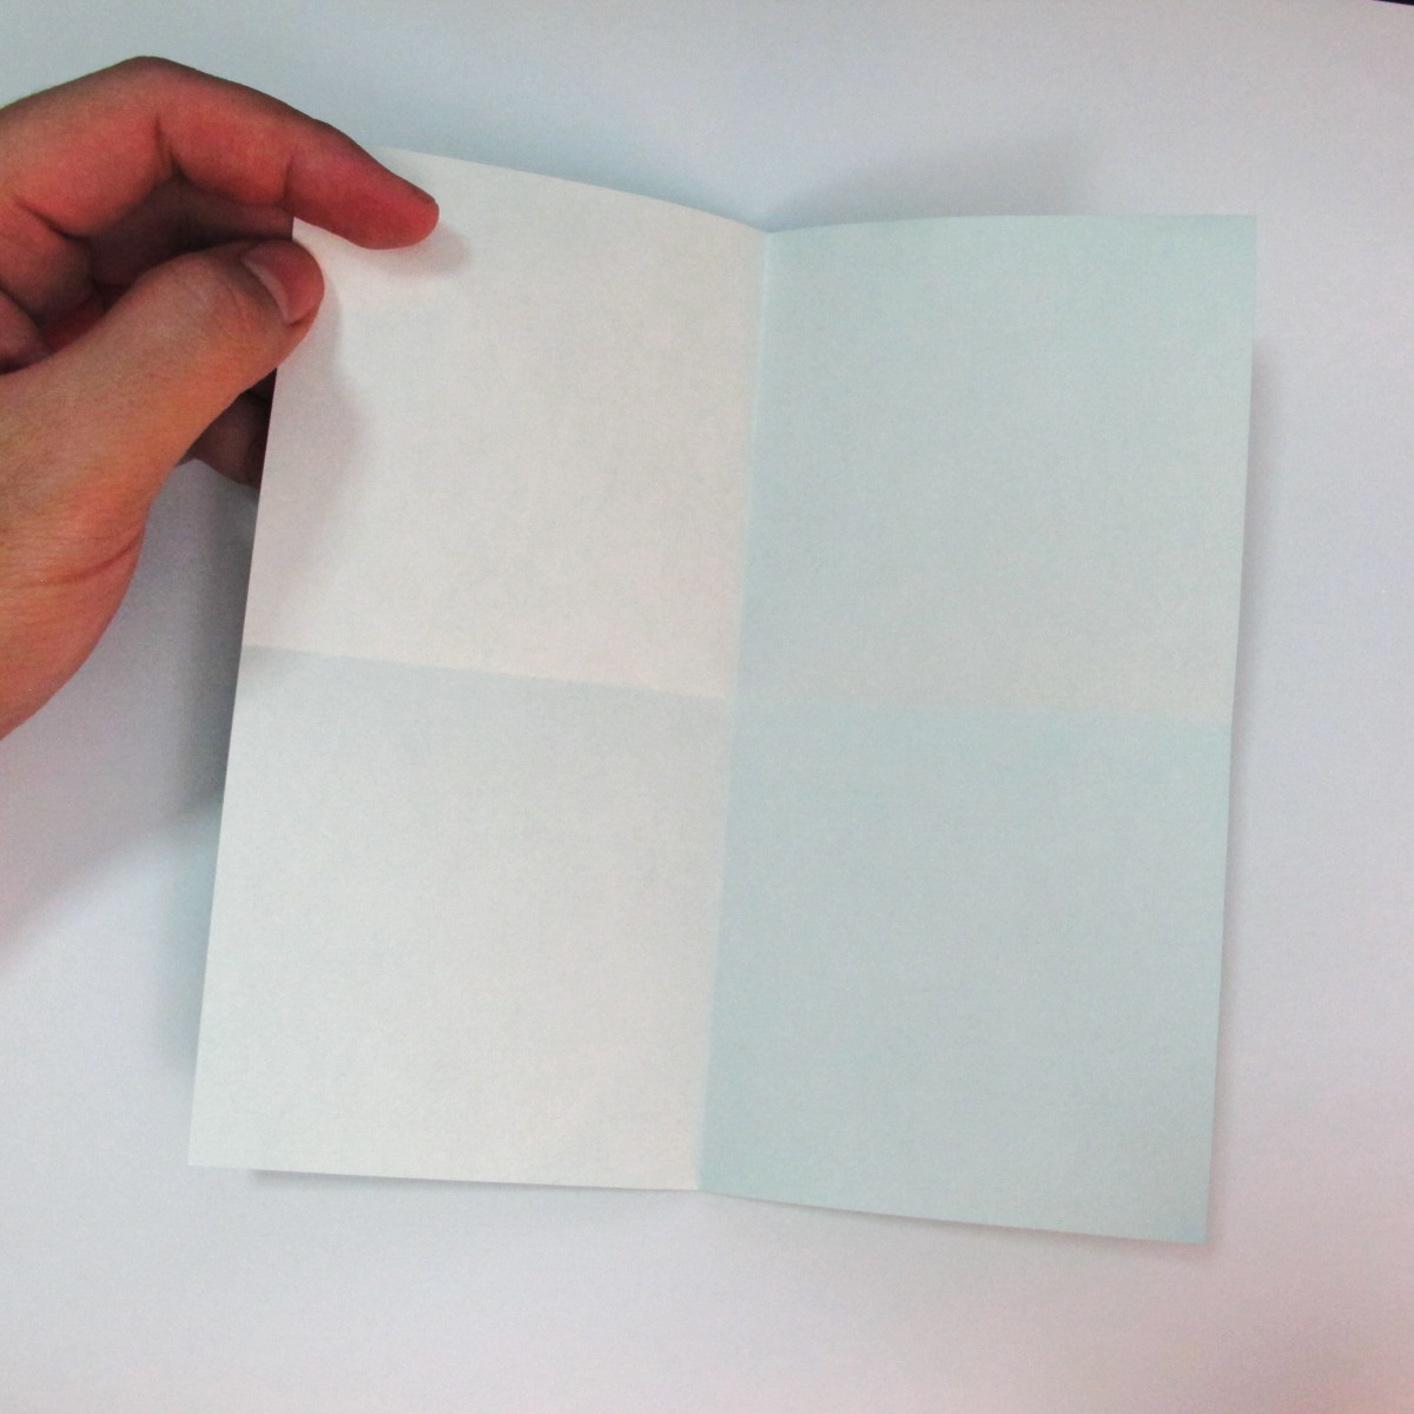 สอนวิธีการพับกระดาษเป็นรูปปลาฉลาม (Origami Shark) 002